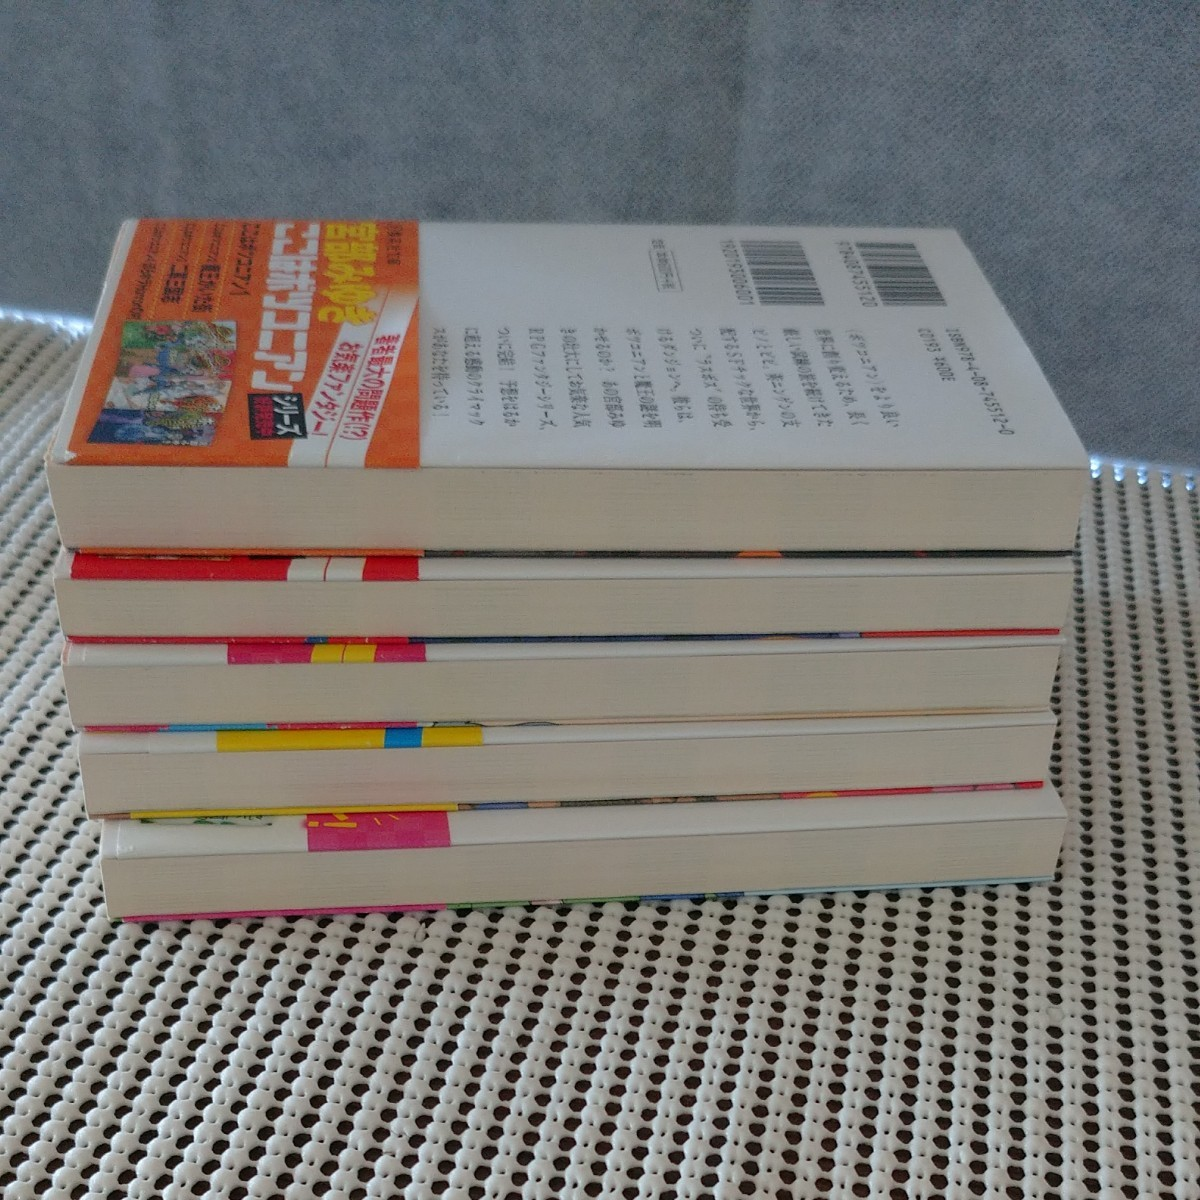 宮部みゆき 集英社文庫 ここはボツコニアン 全5巻完結BOX まとめ売り 文庫 文庫本